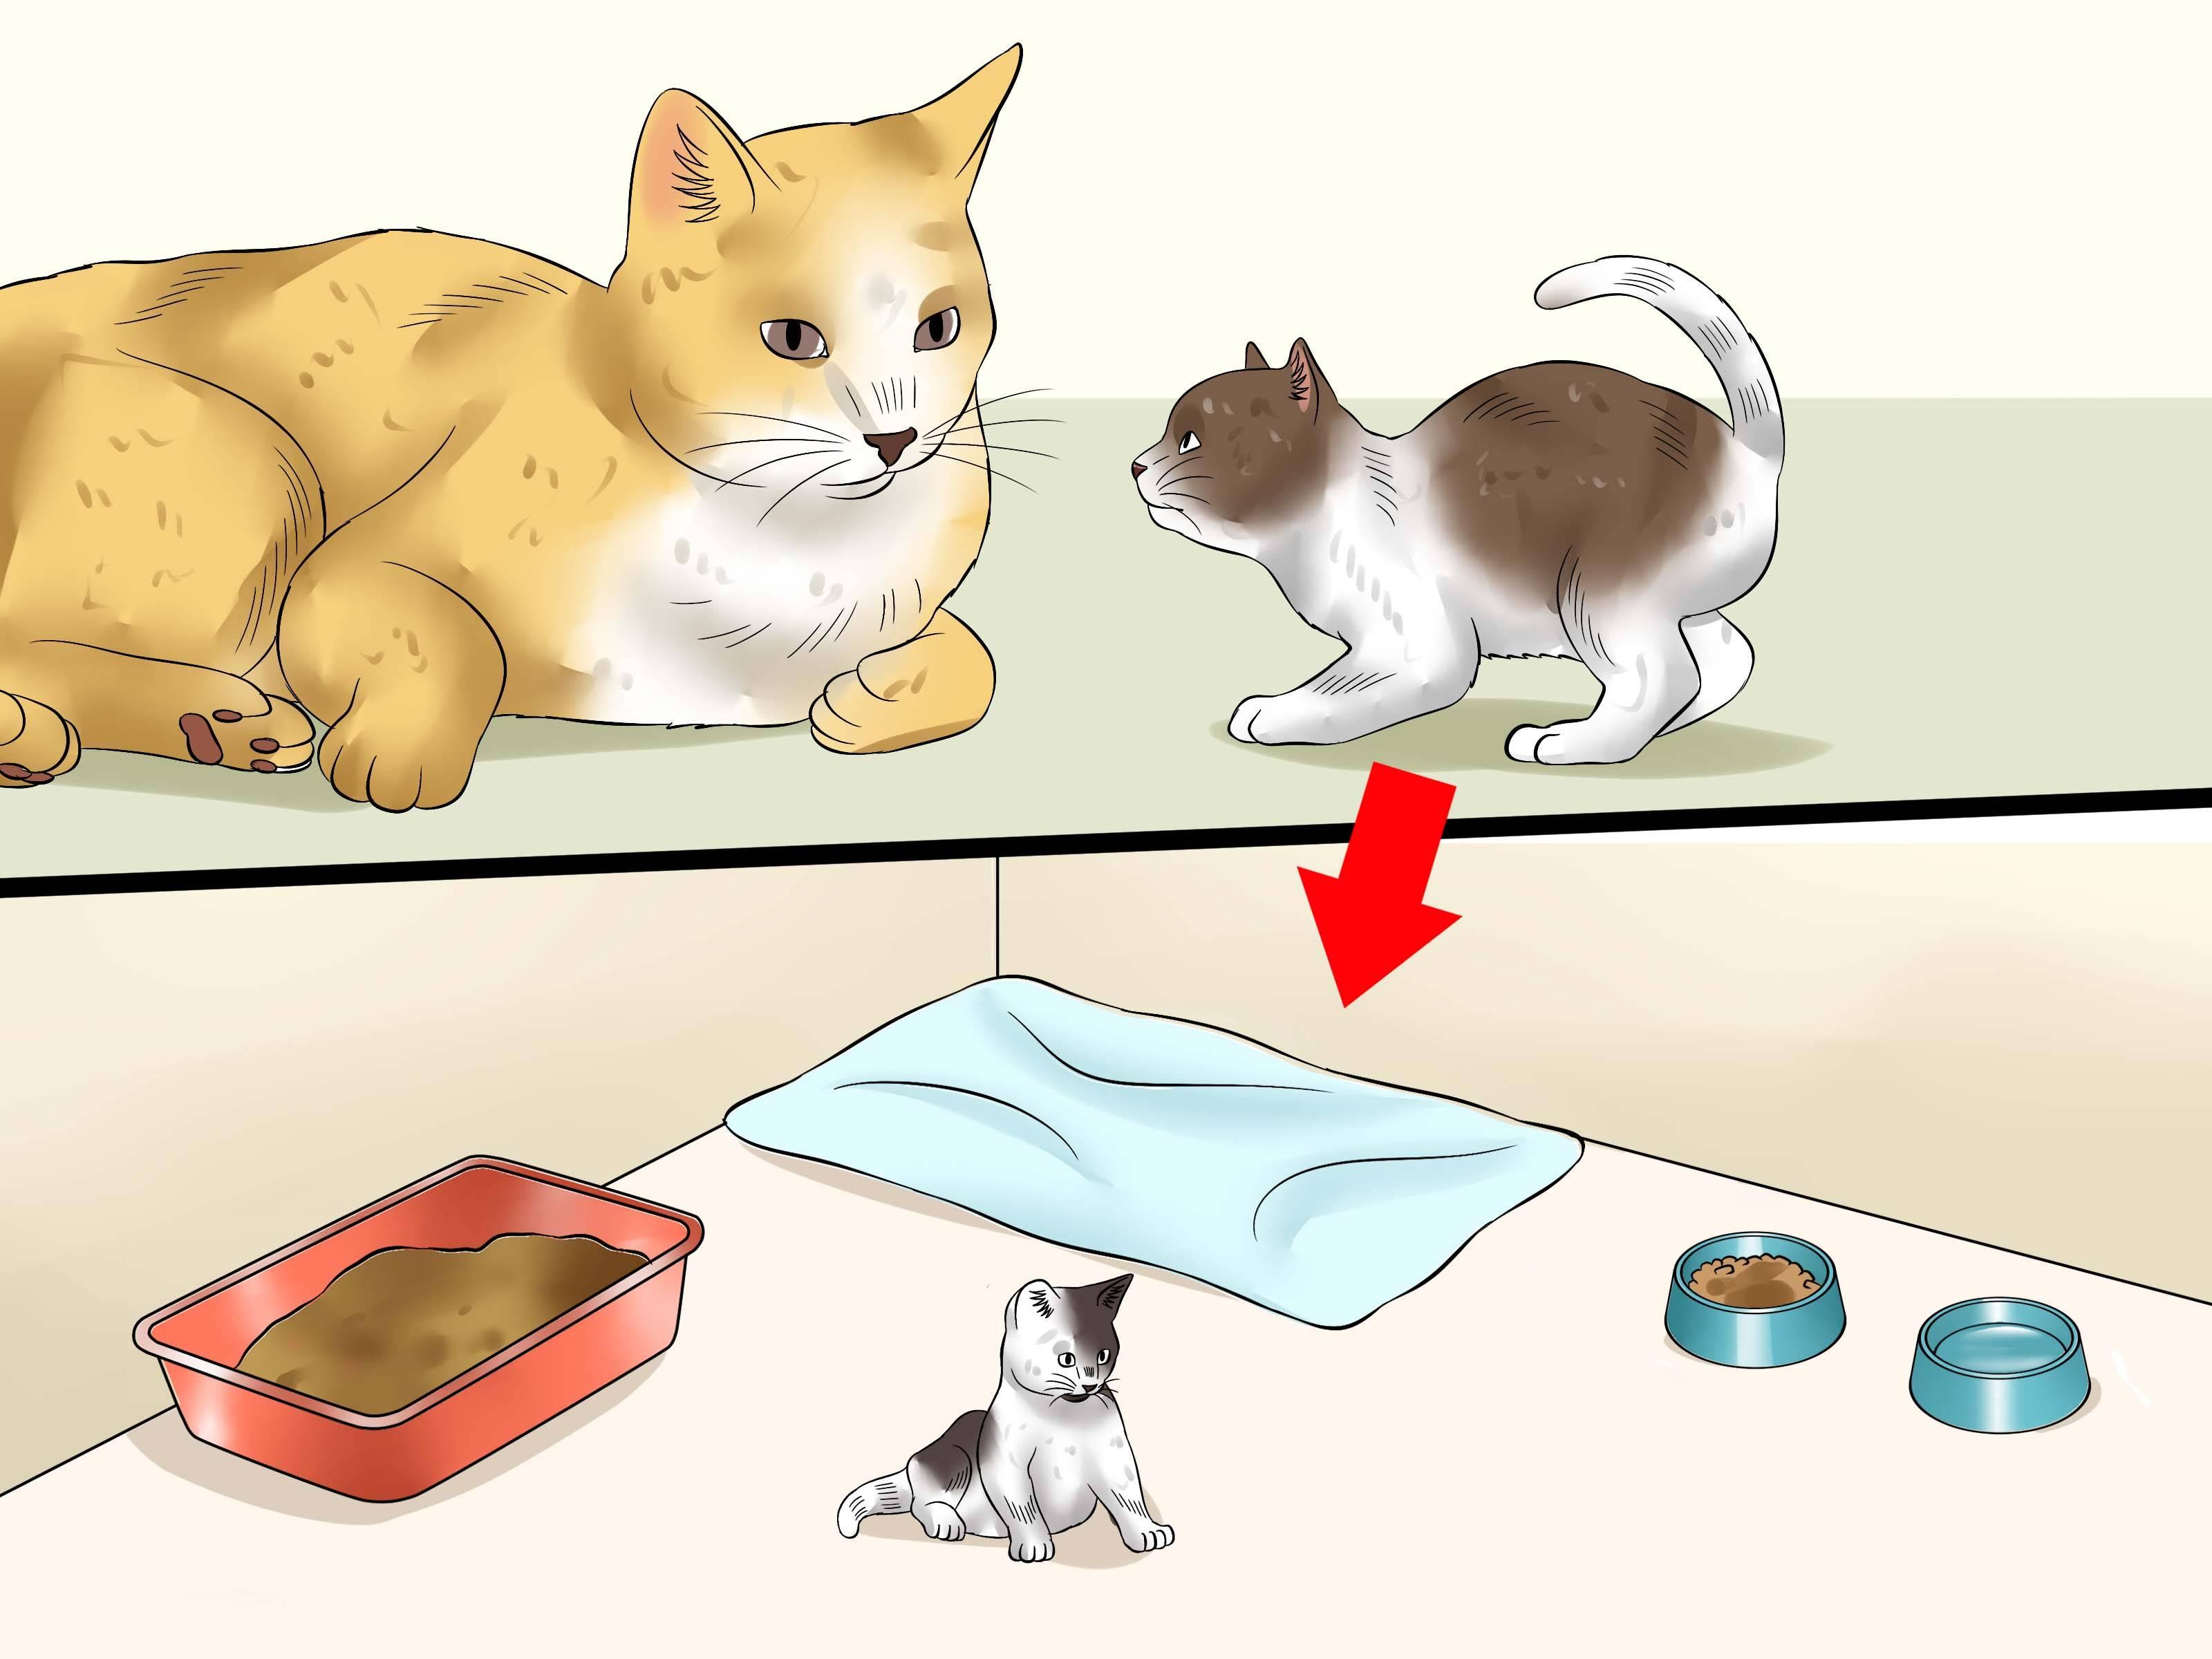 Почему котенок дрожит, как будто ему холодно